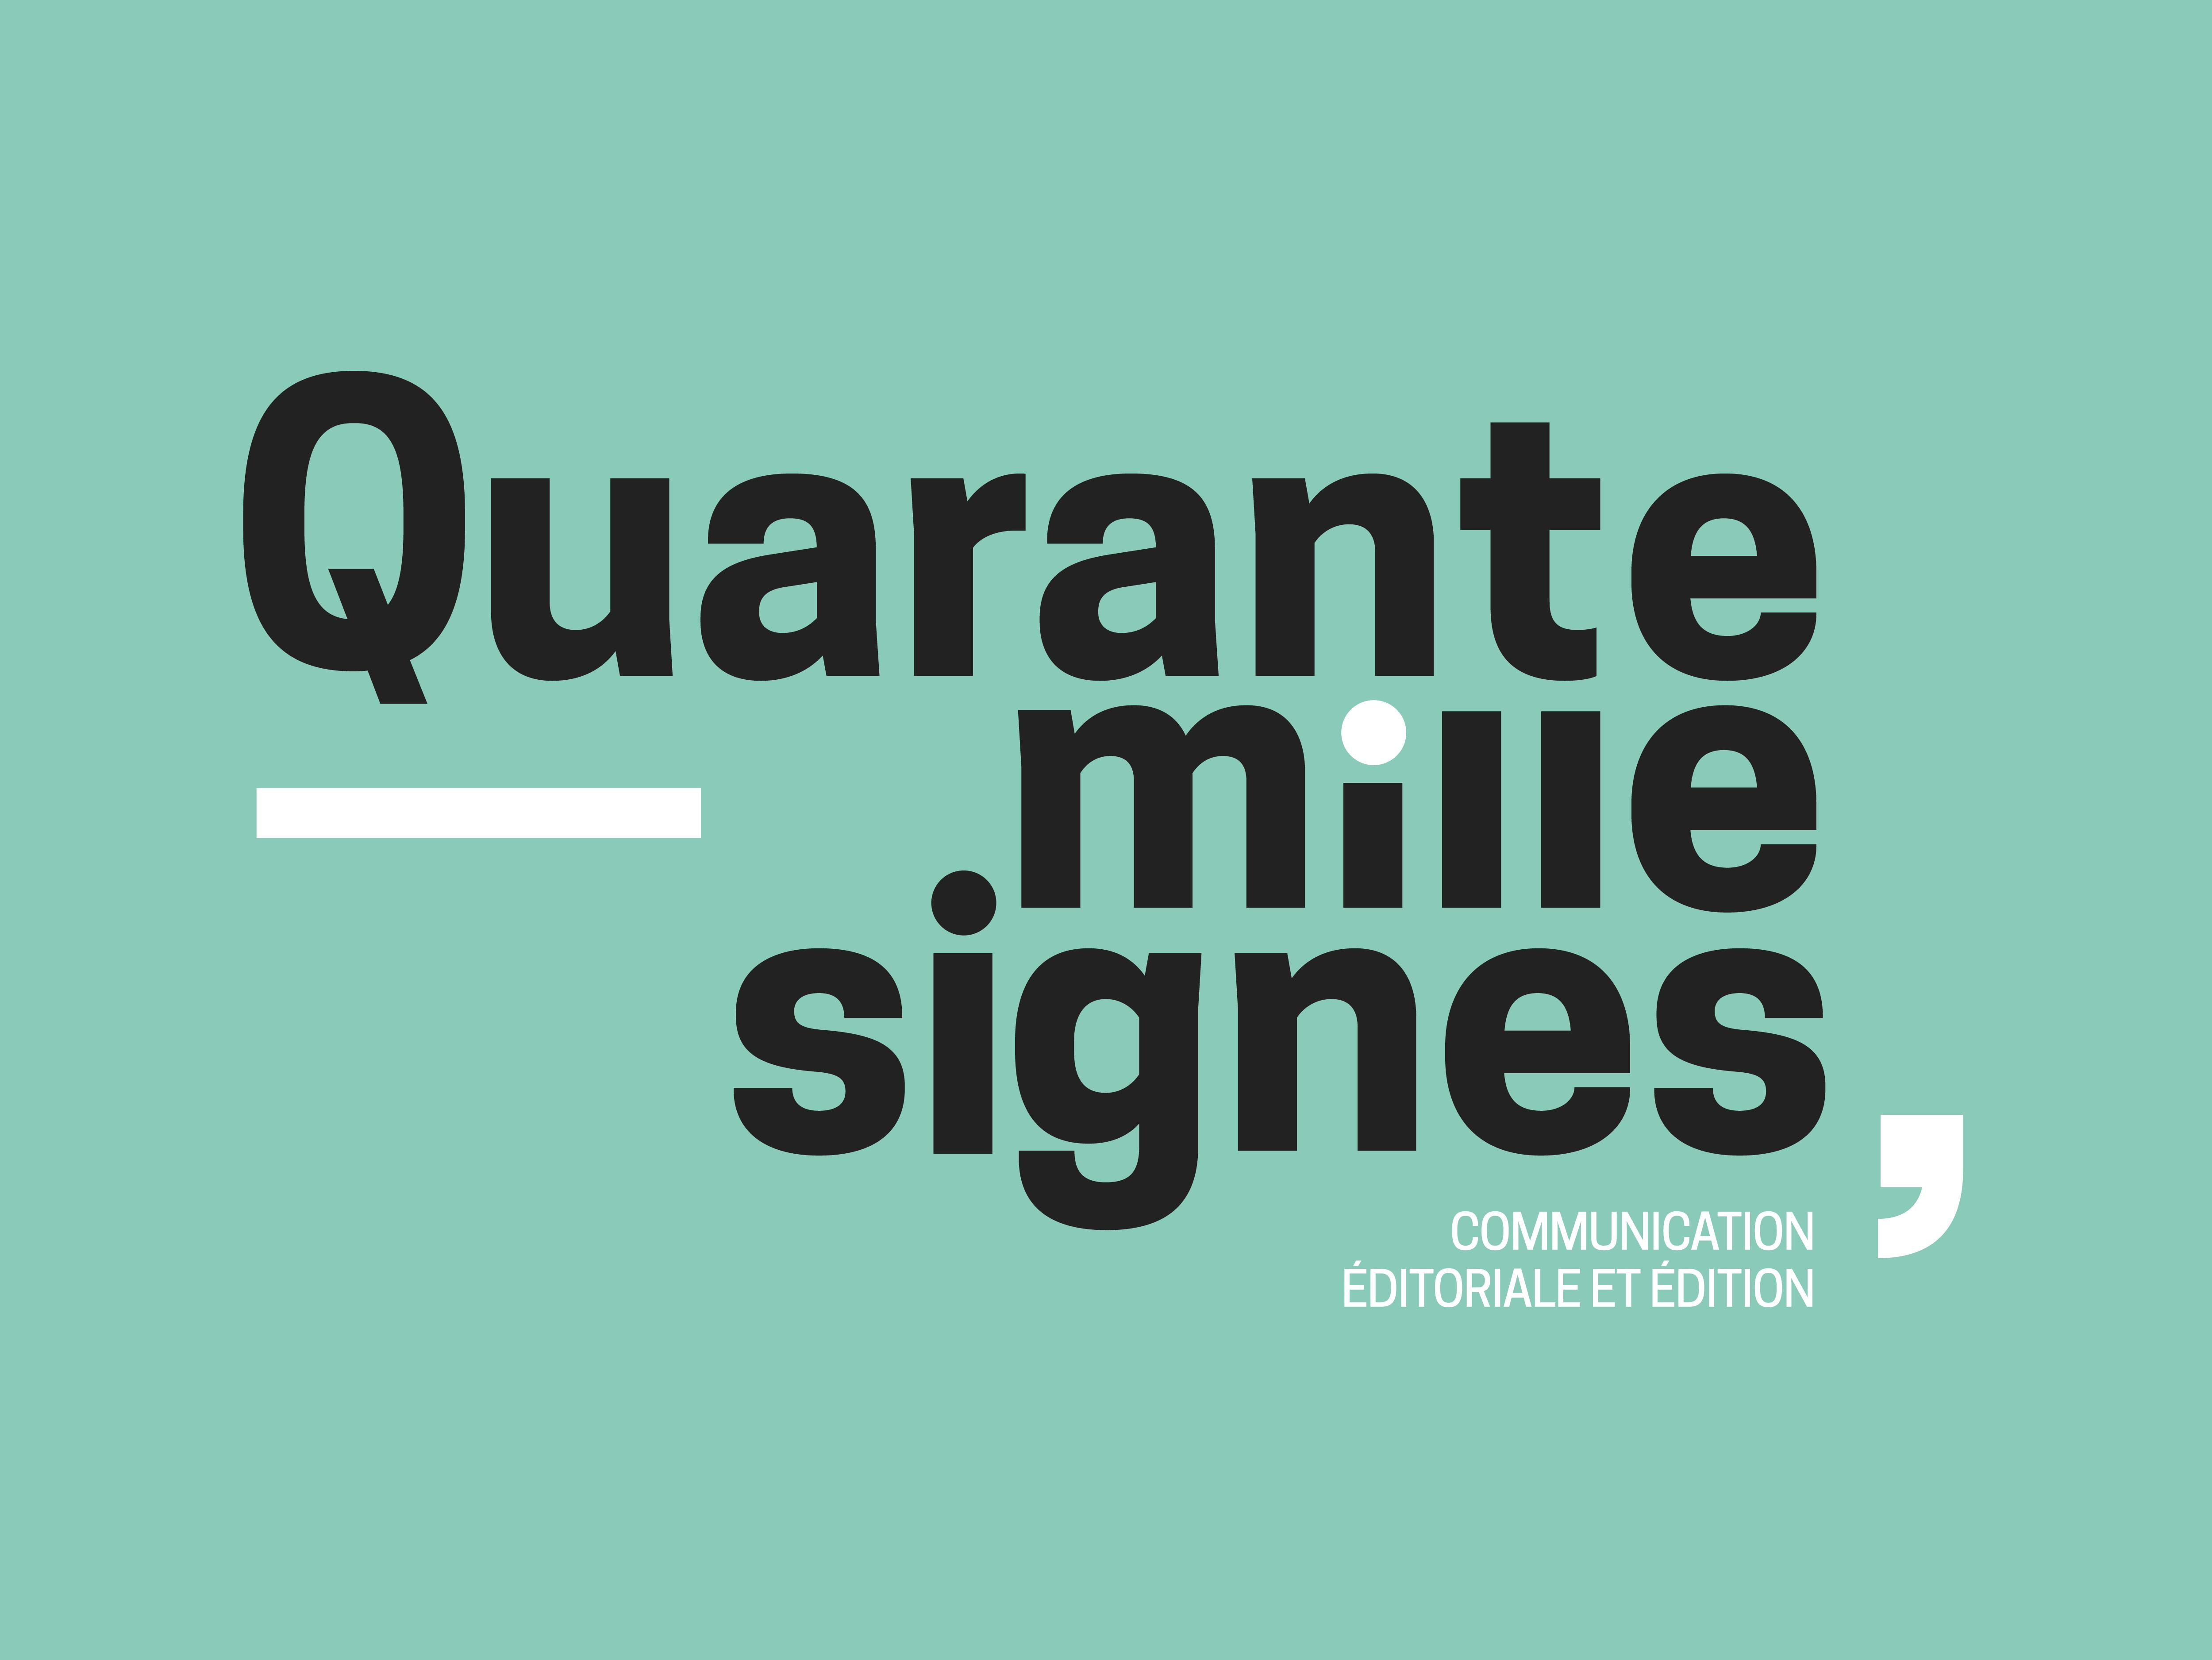 quarantemillesignes-logo-creation-graphique-atelier-fwells